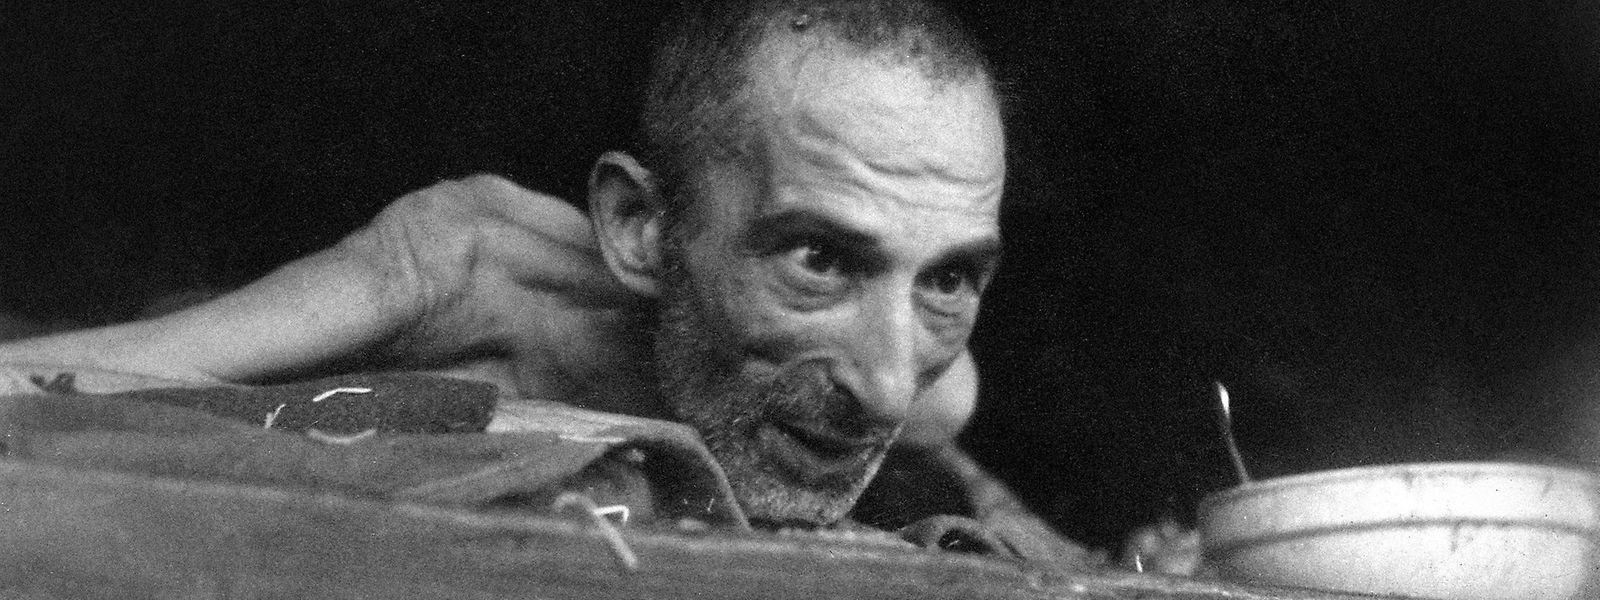 Die Fotografien von Eric Schwab sind von bestechender Klarheit und Einfachheit, sie sind Zeugnisse des Mordens und Sterbens. In den Bildern sprechen die Opfer zum Betrachter und erzählen ihre Geschichte, wodurch ihr Verlust von Scham und Würde wieder aufgehoben wird und das selbst in den Minuten vor dem Tod – wie bei diesem Bild, das einen Sterbenden im KZ Buchenwald zeigt, der wenige Minuten nach der Aufnahme an den Folgen der Ruhr gestorben ist.